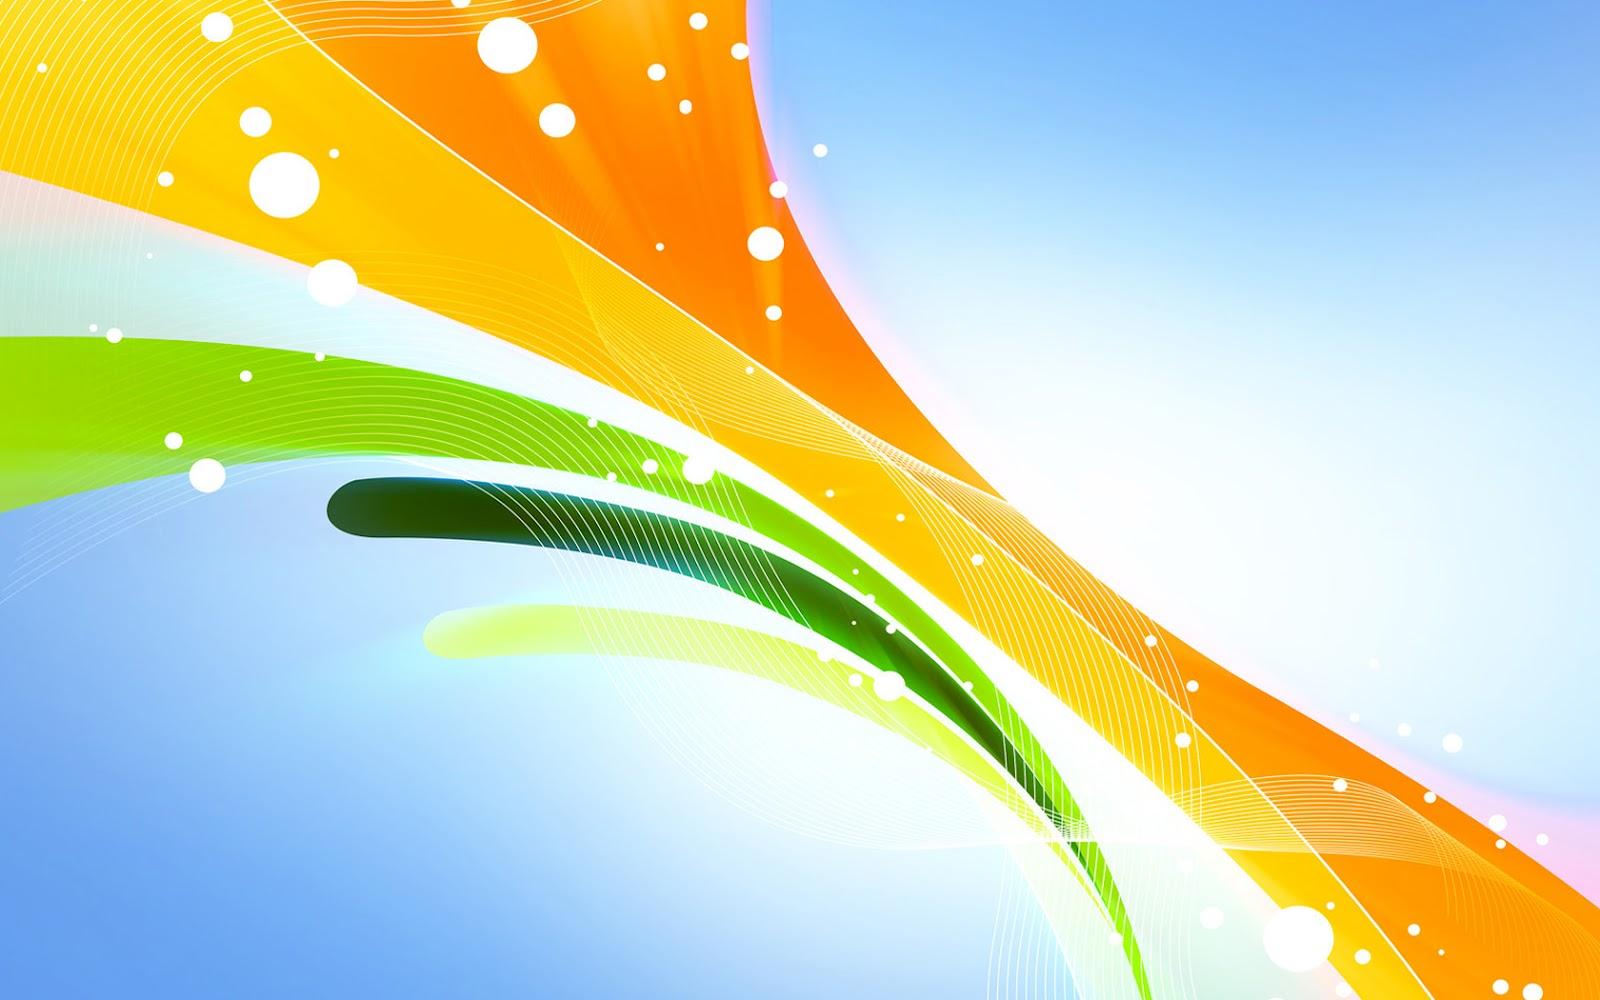 Description Download Cool Backgrounds Wallpaper is a hi res Wallpaper 1600x1000